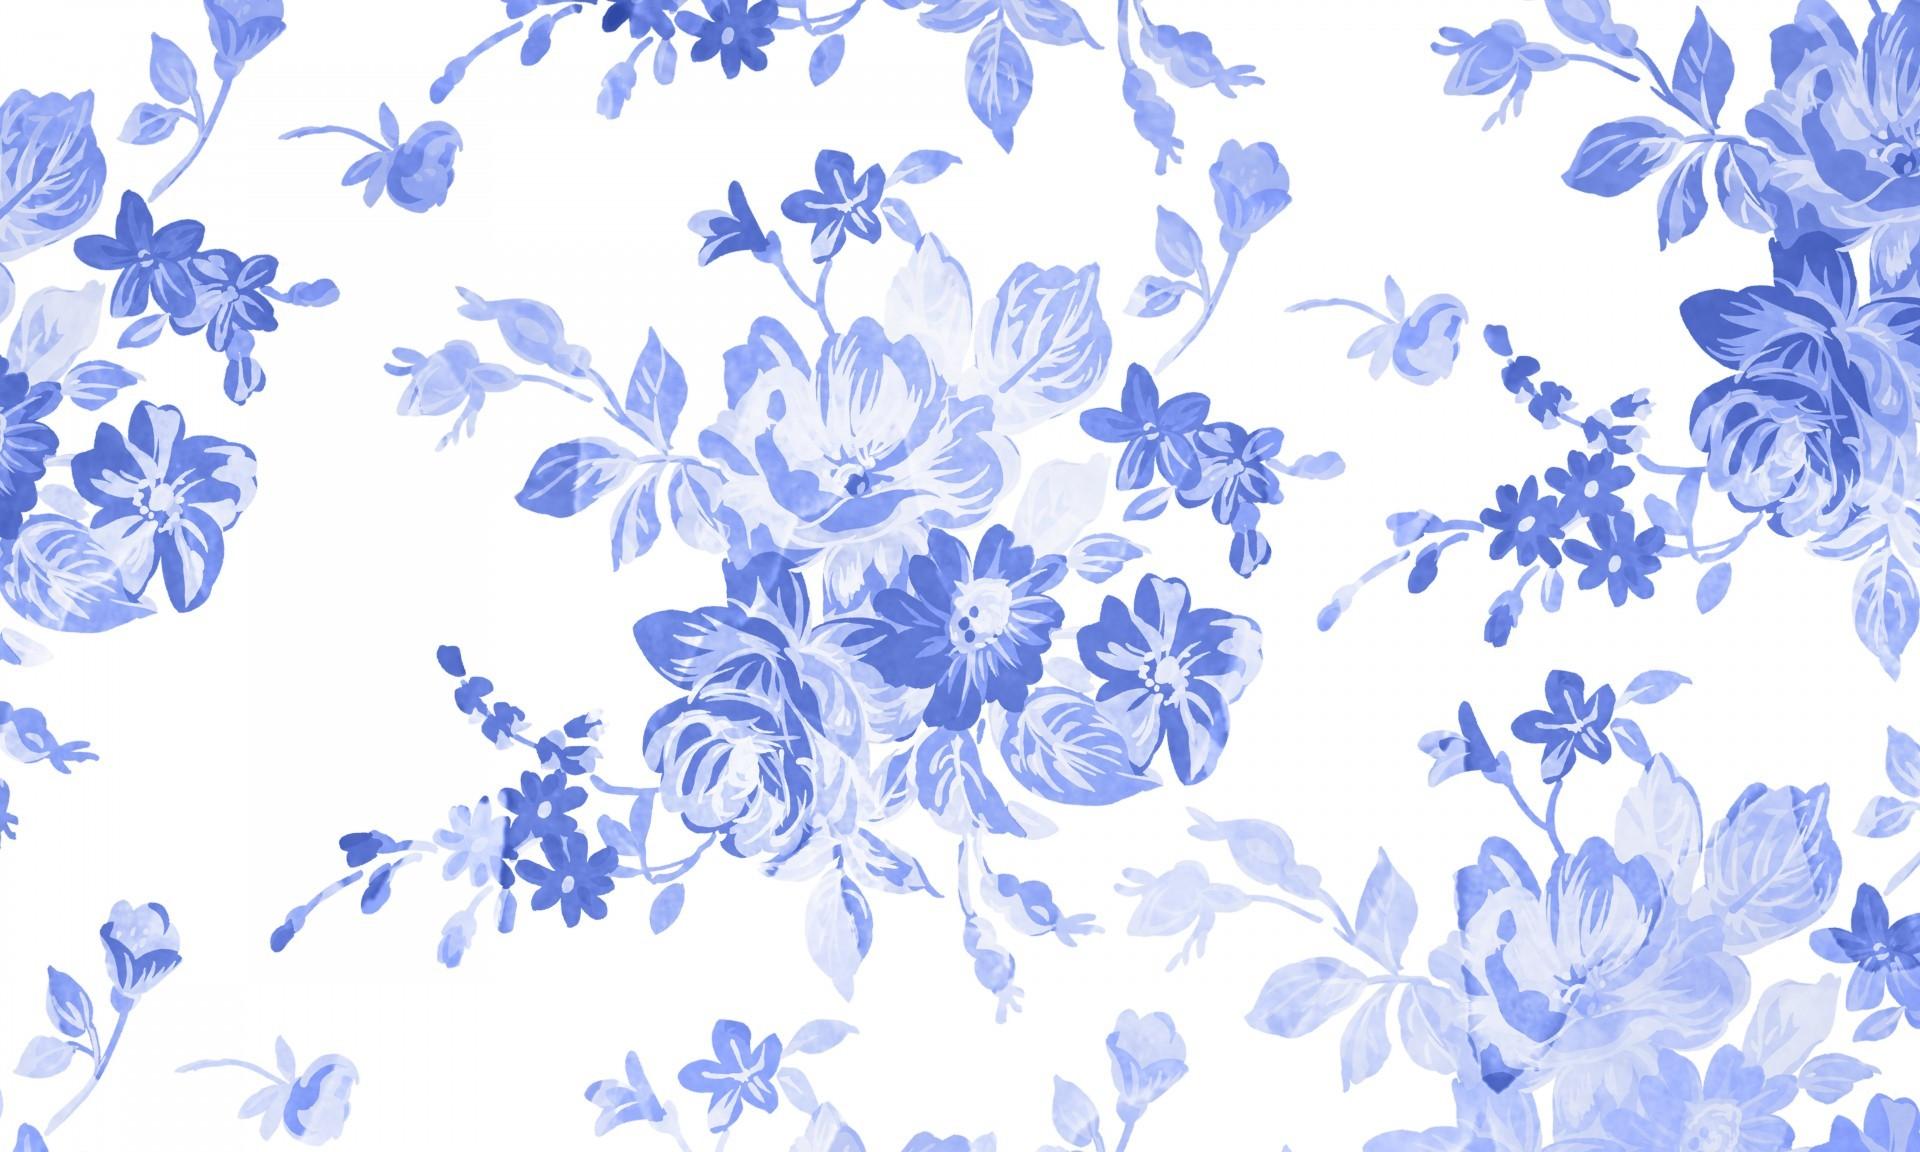 Watercolor Desktop Wallpaper At Getdrawings Free Download